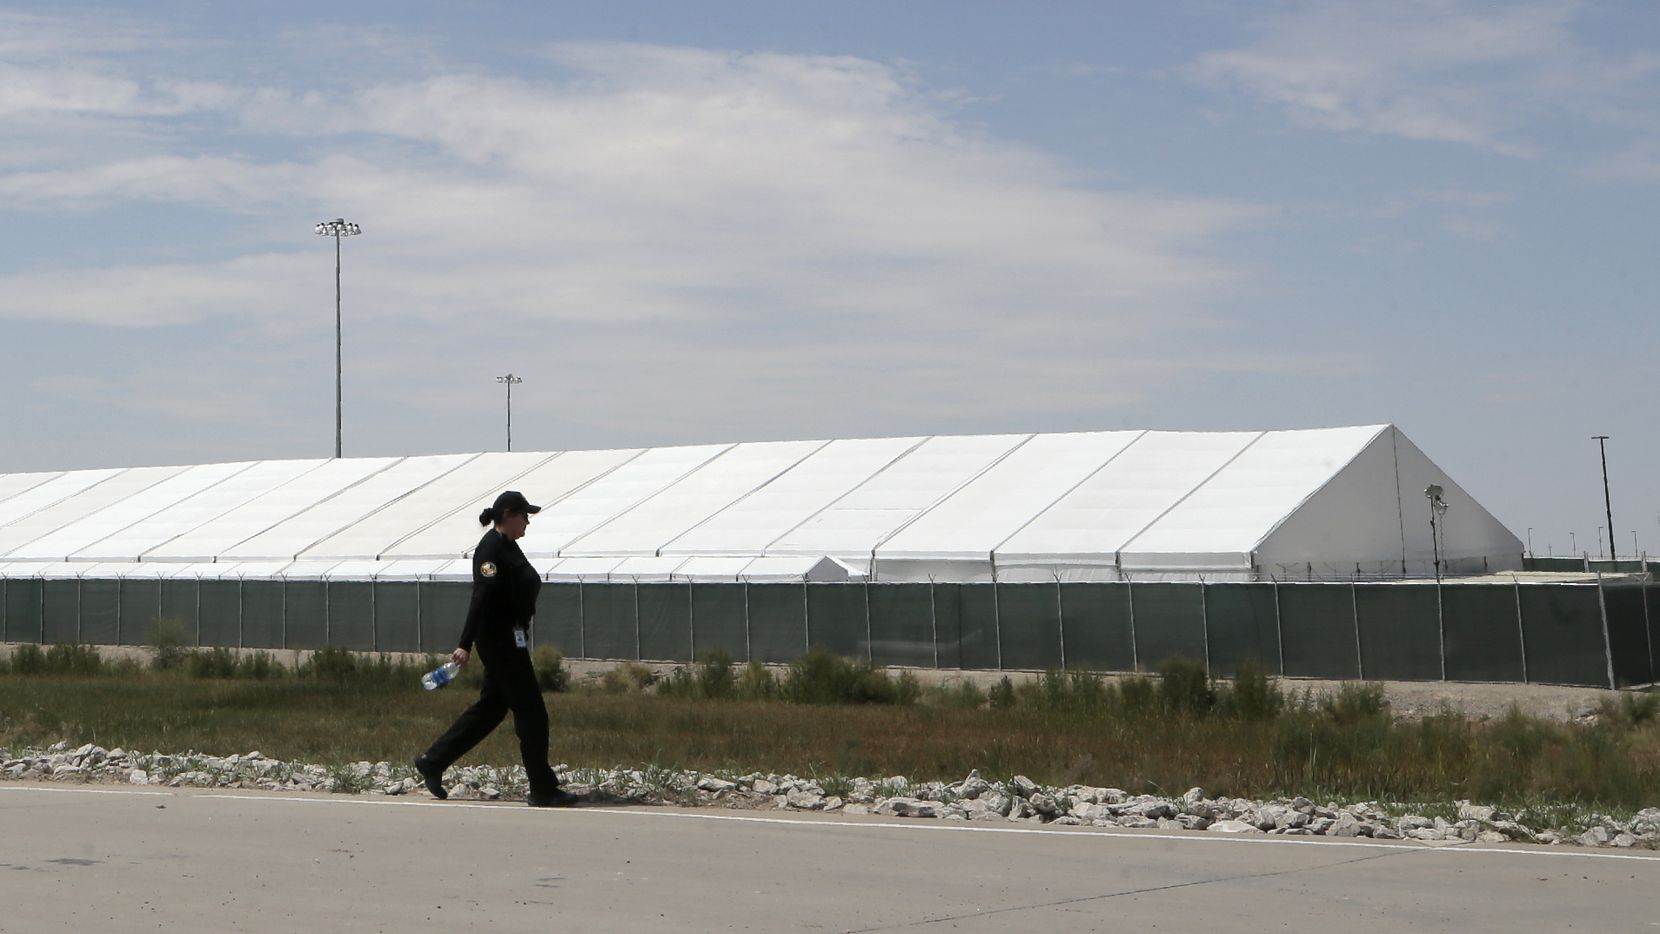 Un guardia de seguridad camina frente a una de las carpas instaladas en El Paso para albergar inmigrantes.